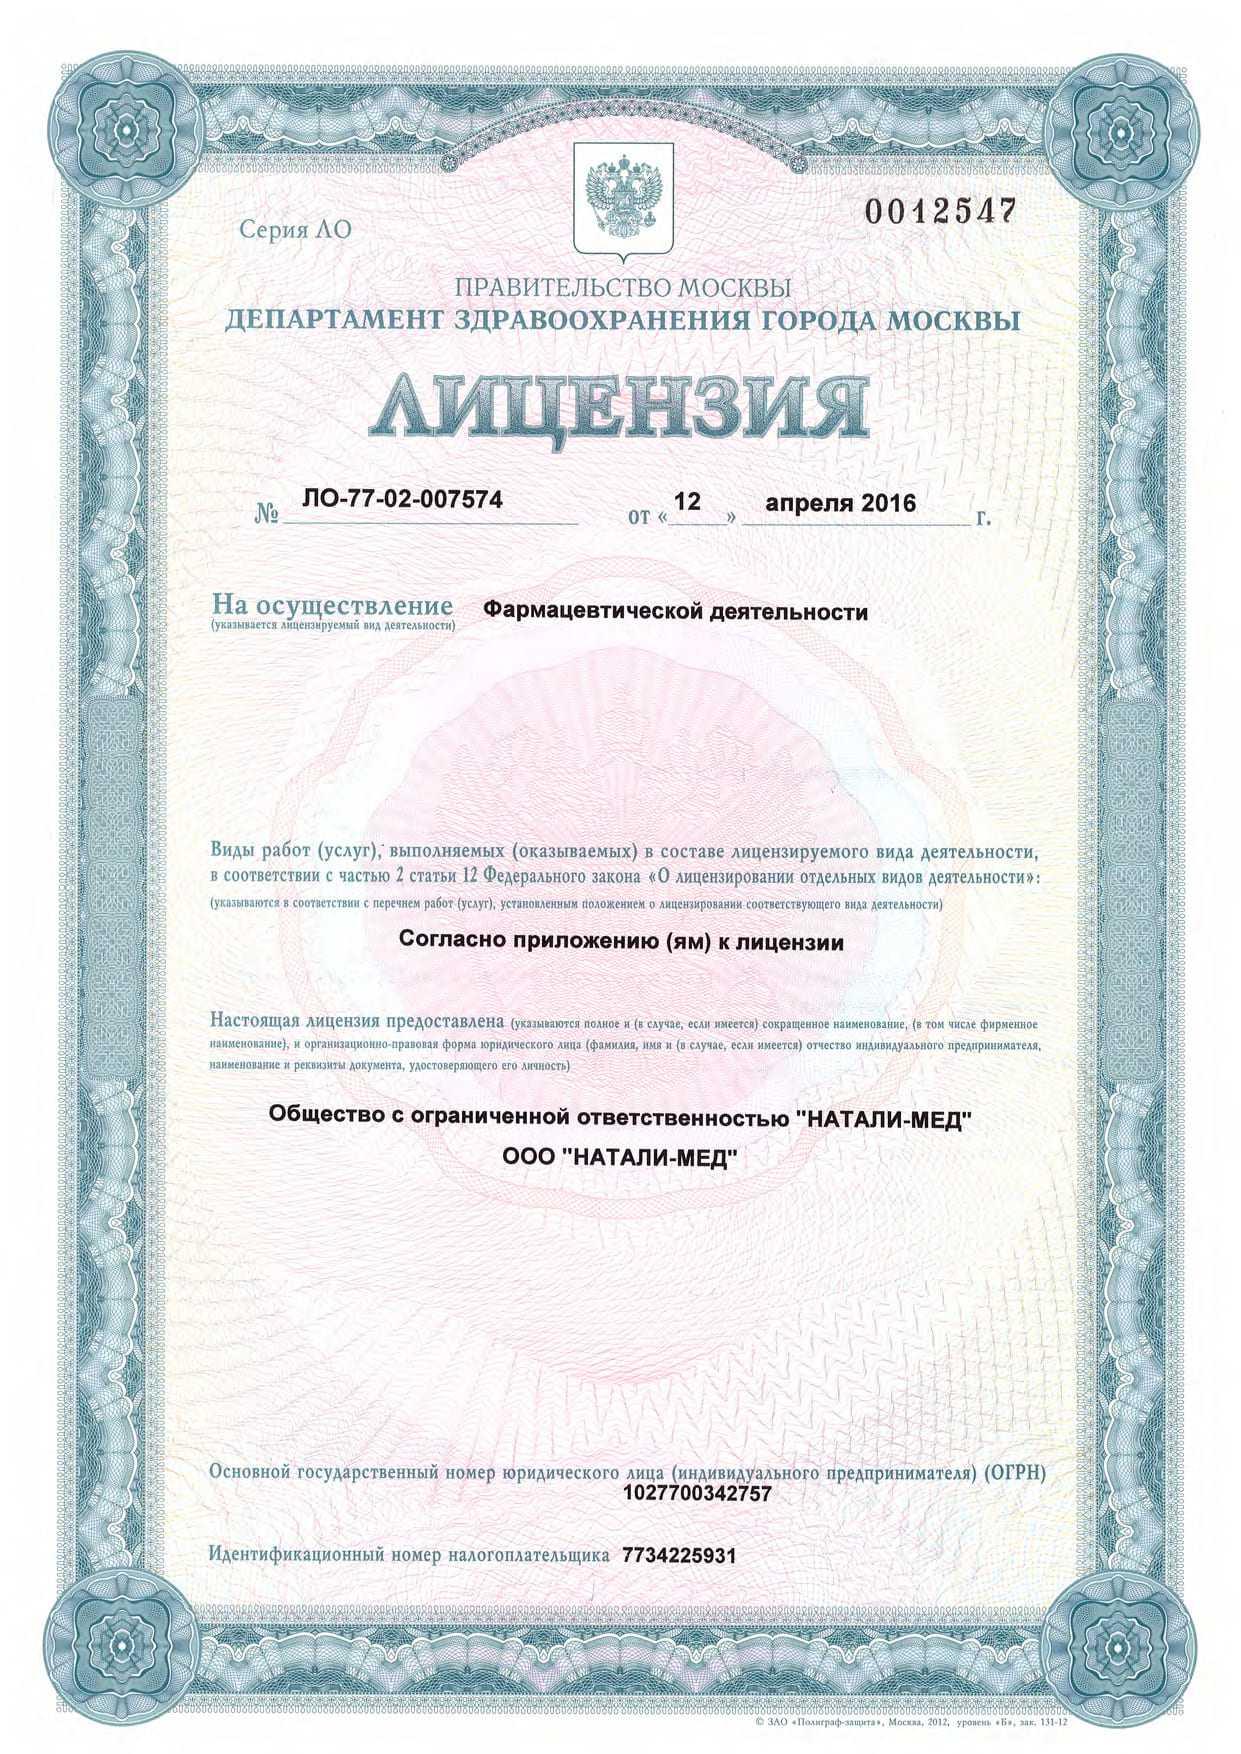 Лицензия на фармацевтическую деятельность